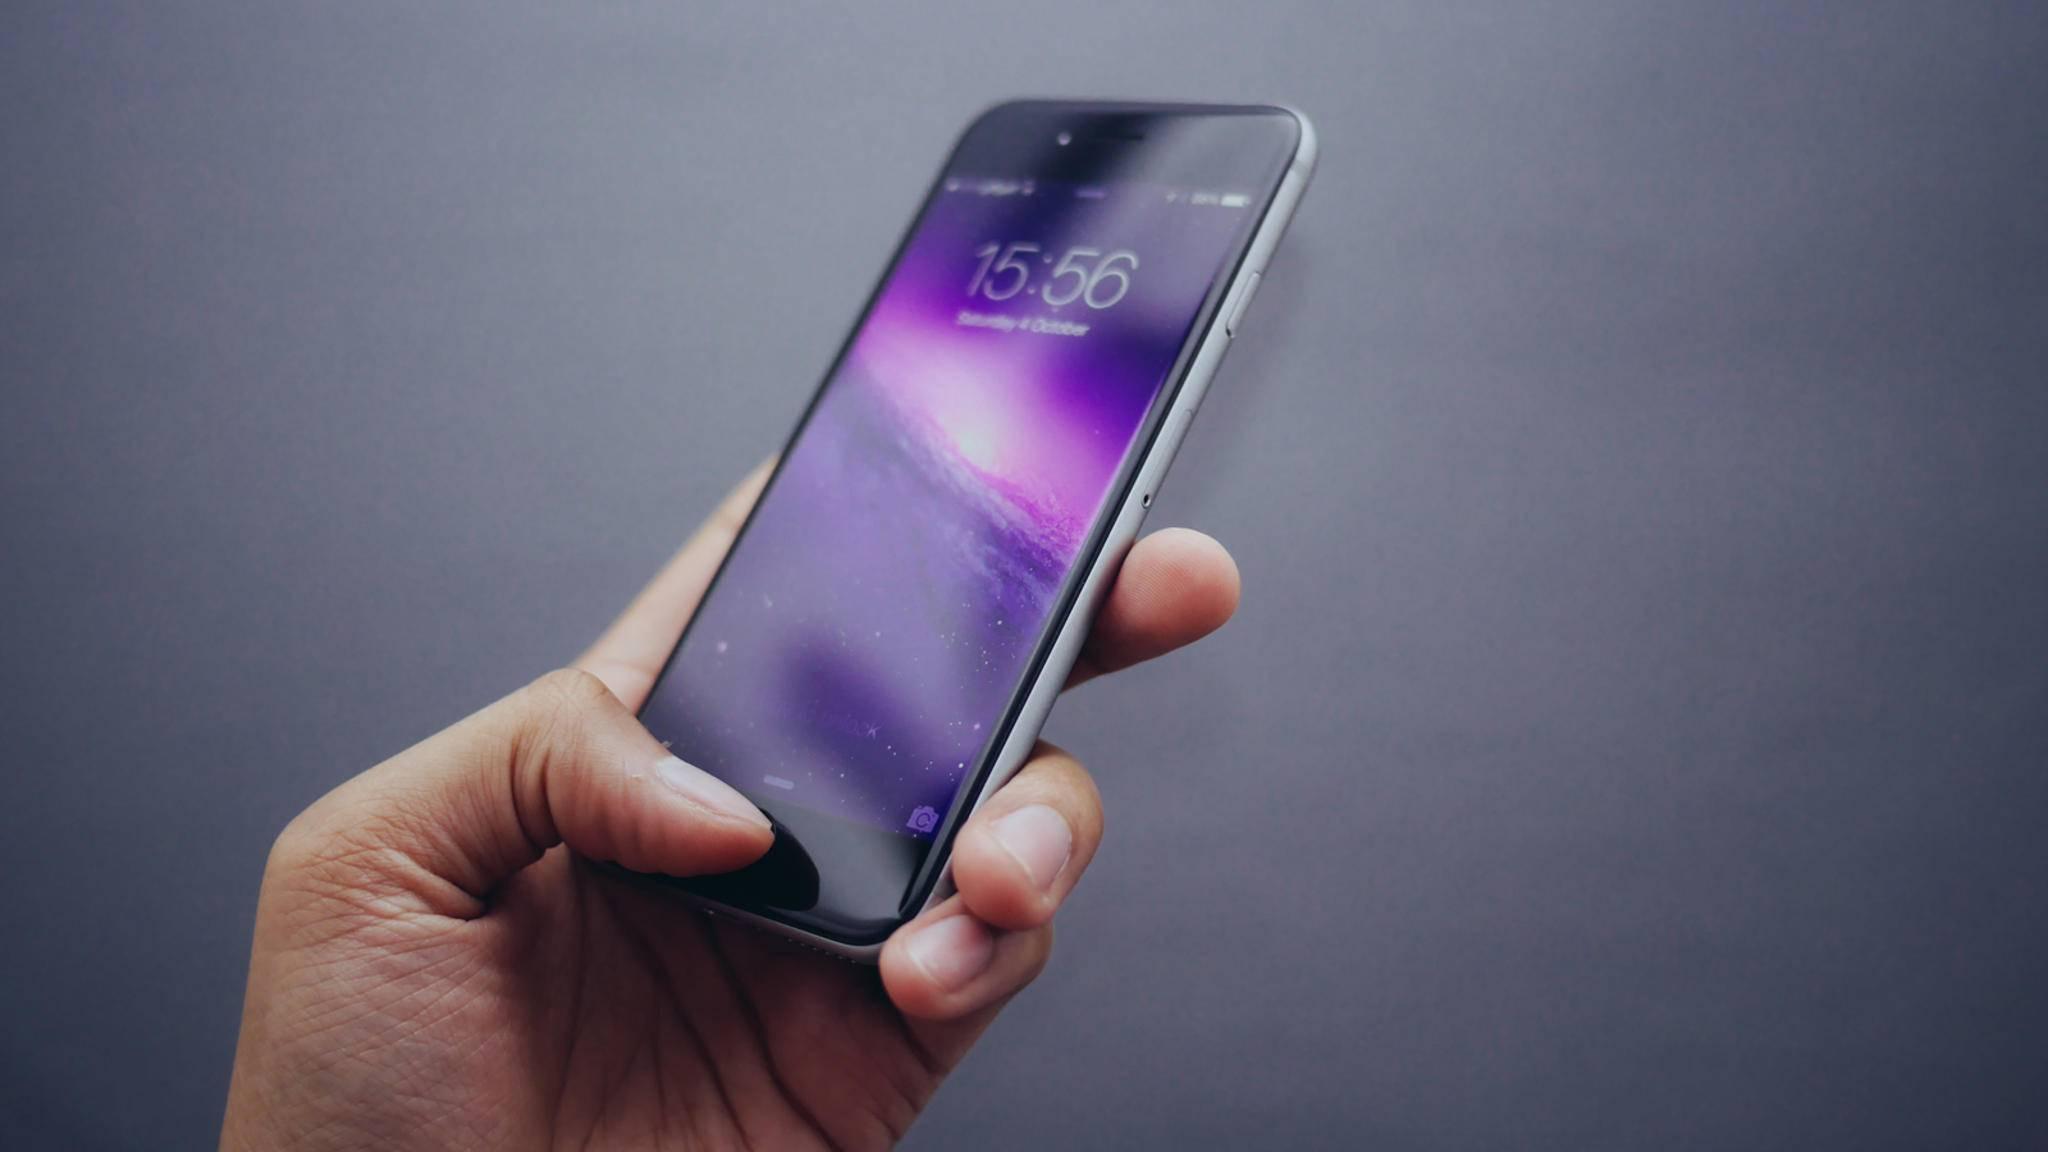 Du willst ein anderes Wallpaper auf Deinem iPhone? Kein Problem.